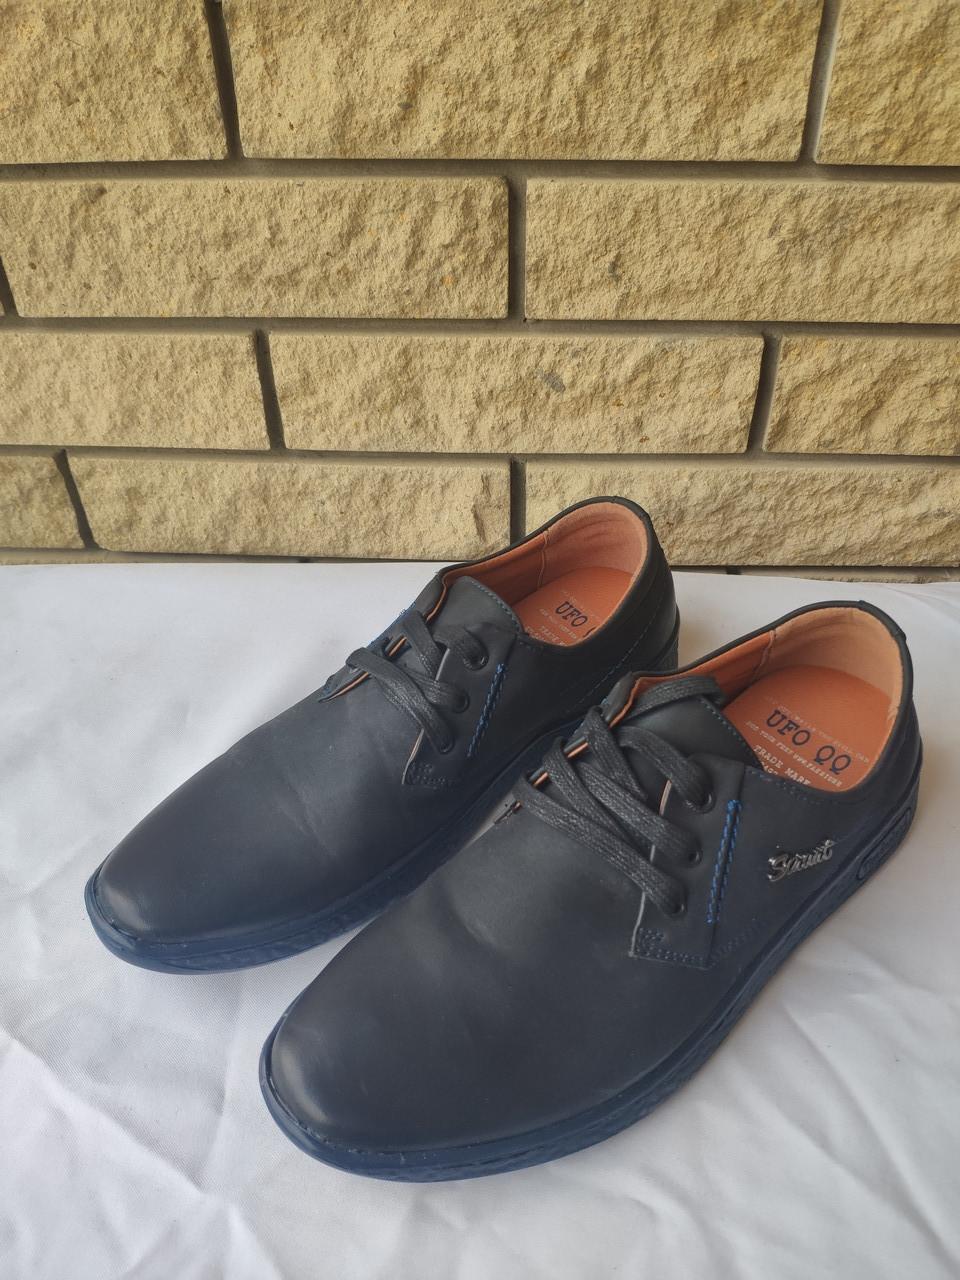 Туфли мужские спортивного стиля из экокожи( нубук), подошва прошита UF0QQ